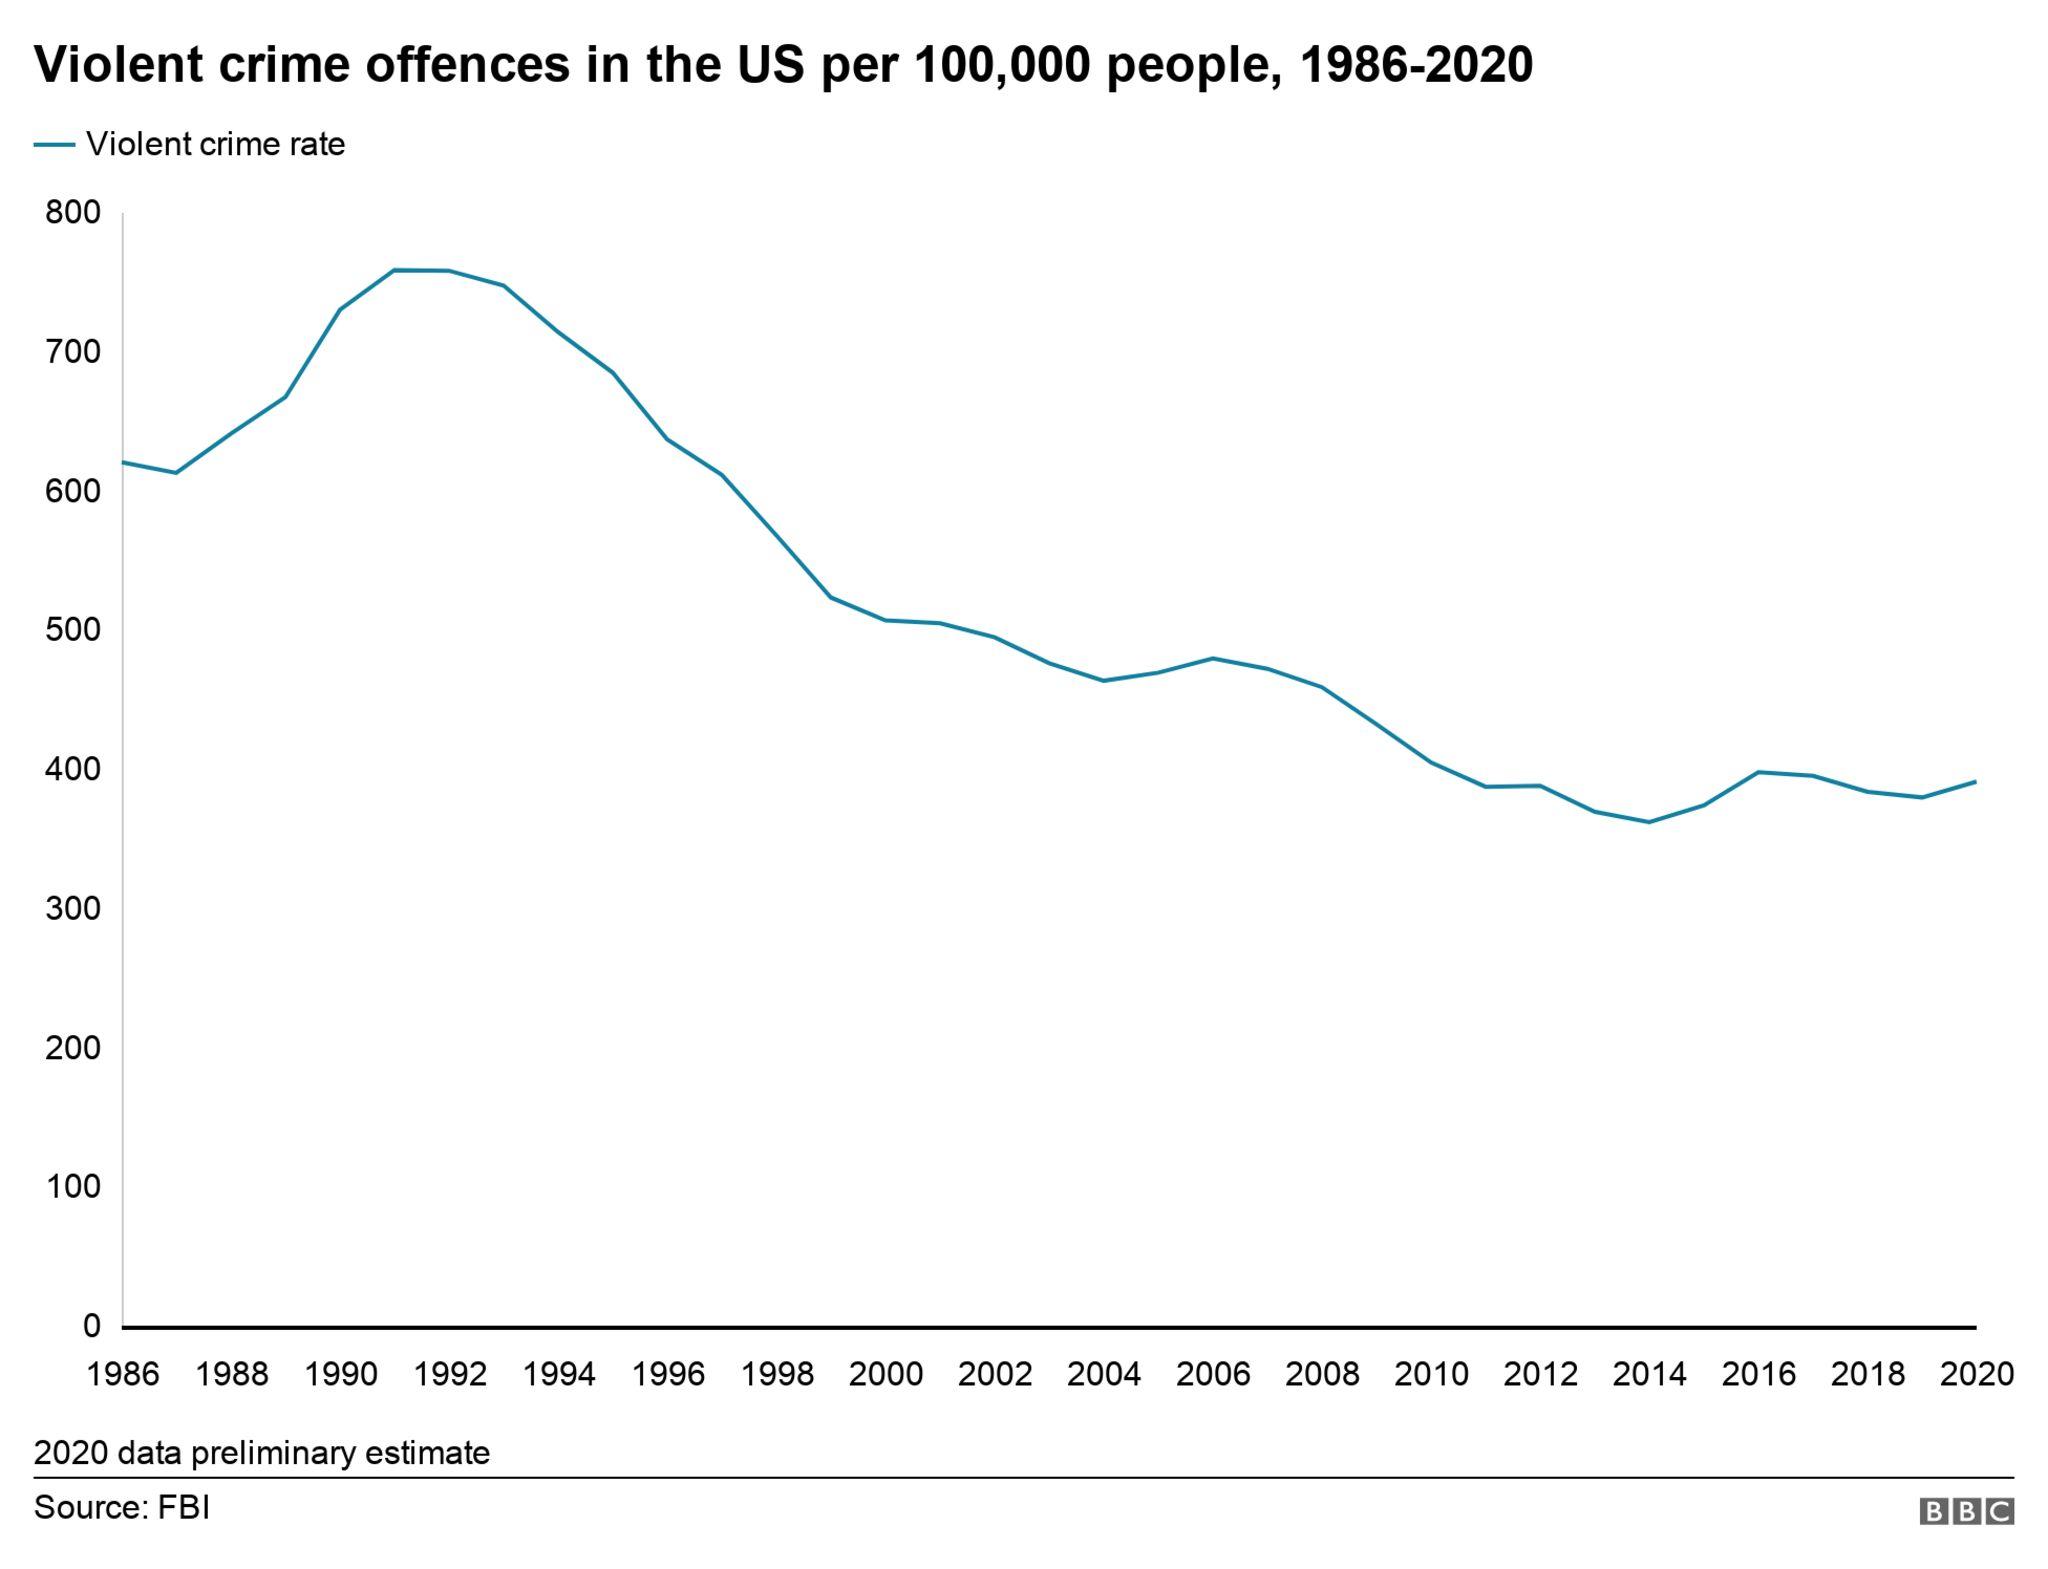 US violent crime rate